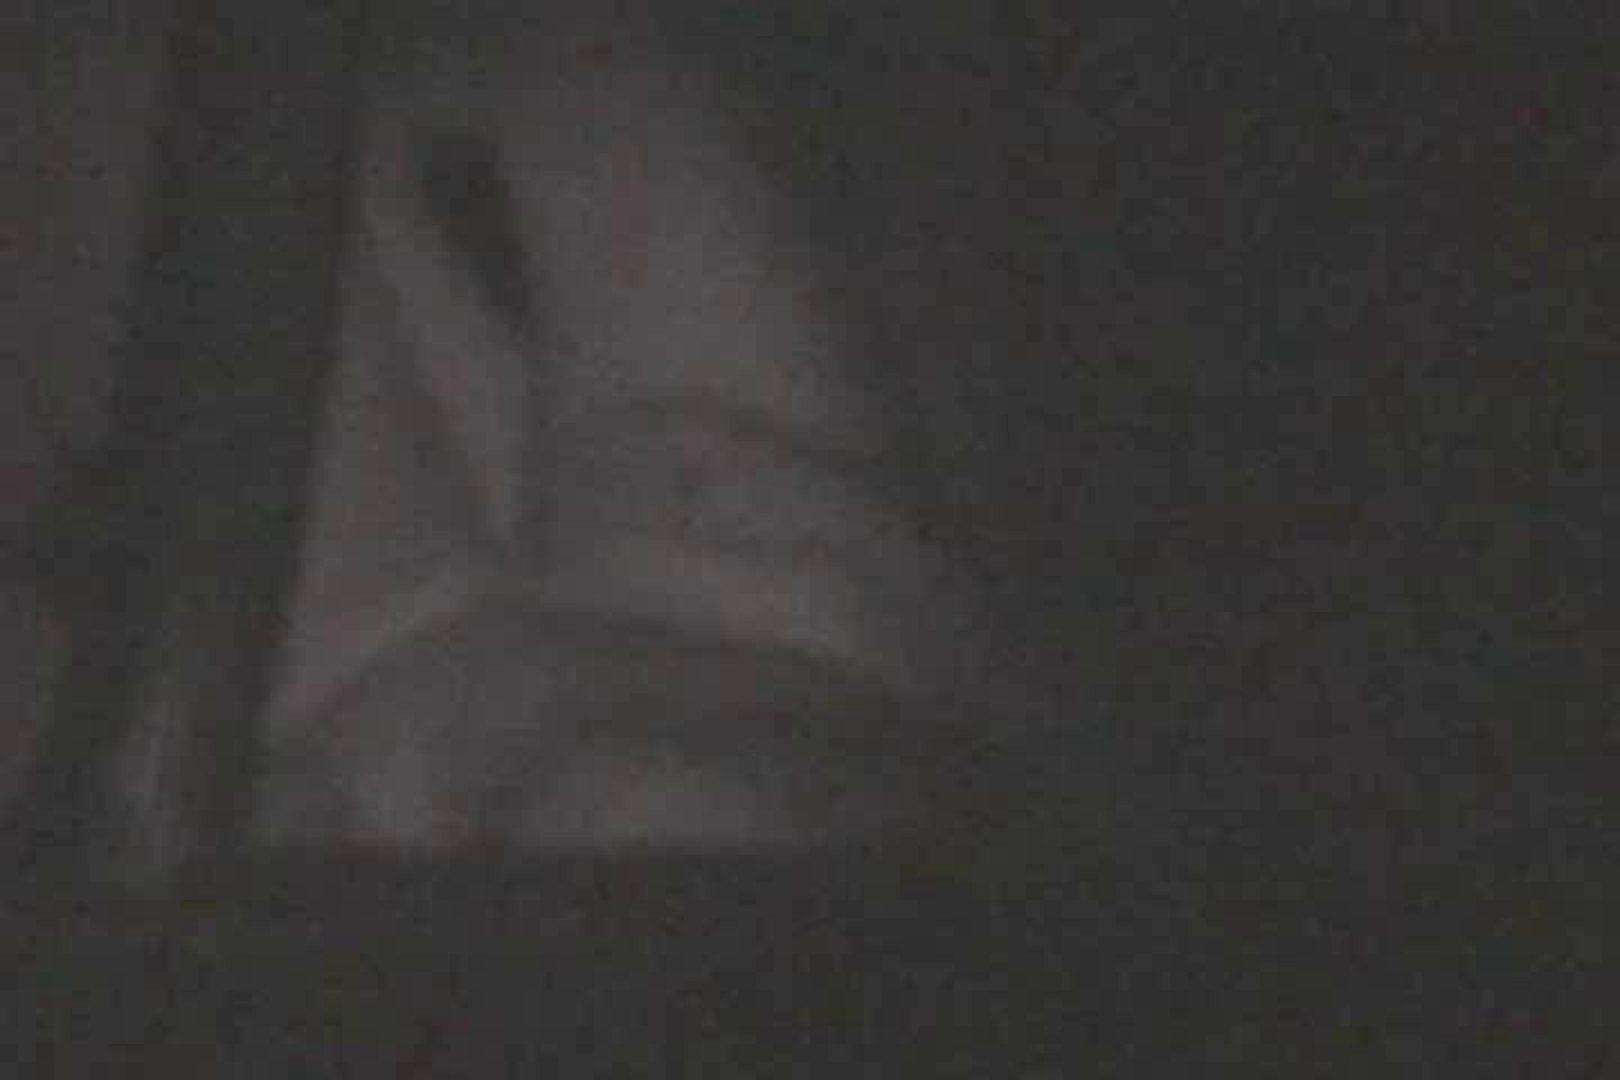 蔵出し!!赤外線カーセックスVol.25 カーセックス 盗み撮り動画キャプチャ 86pic 83